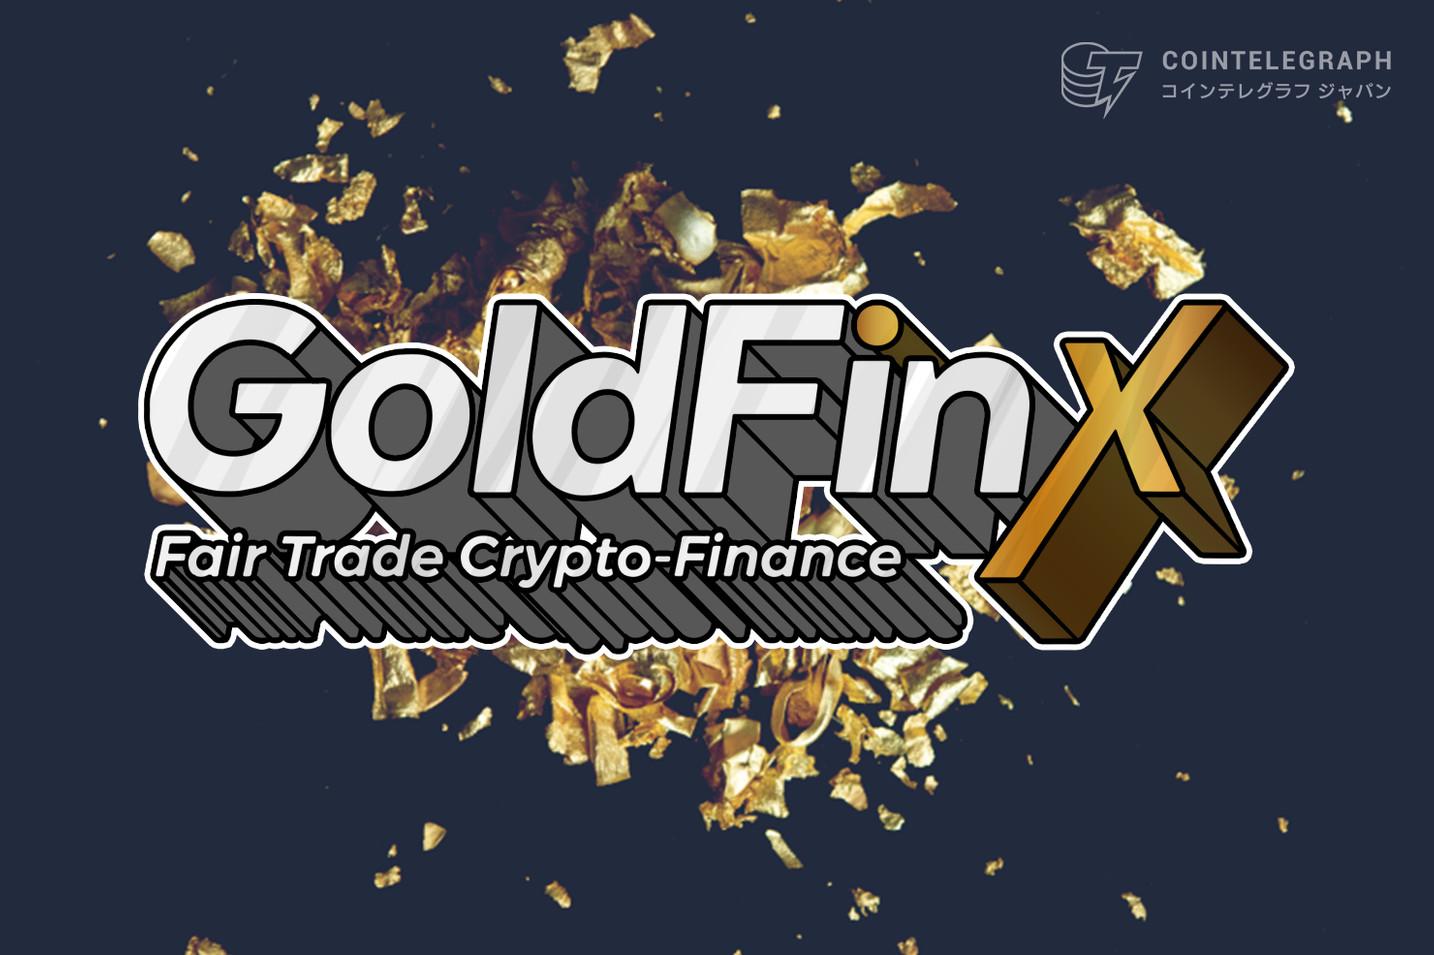 金採掘会社の資産がトークン化された仮想通貨(GiX)が登場 SimexとCoinsbitの両取引所で取引開始